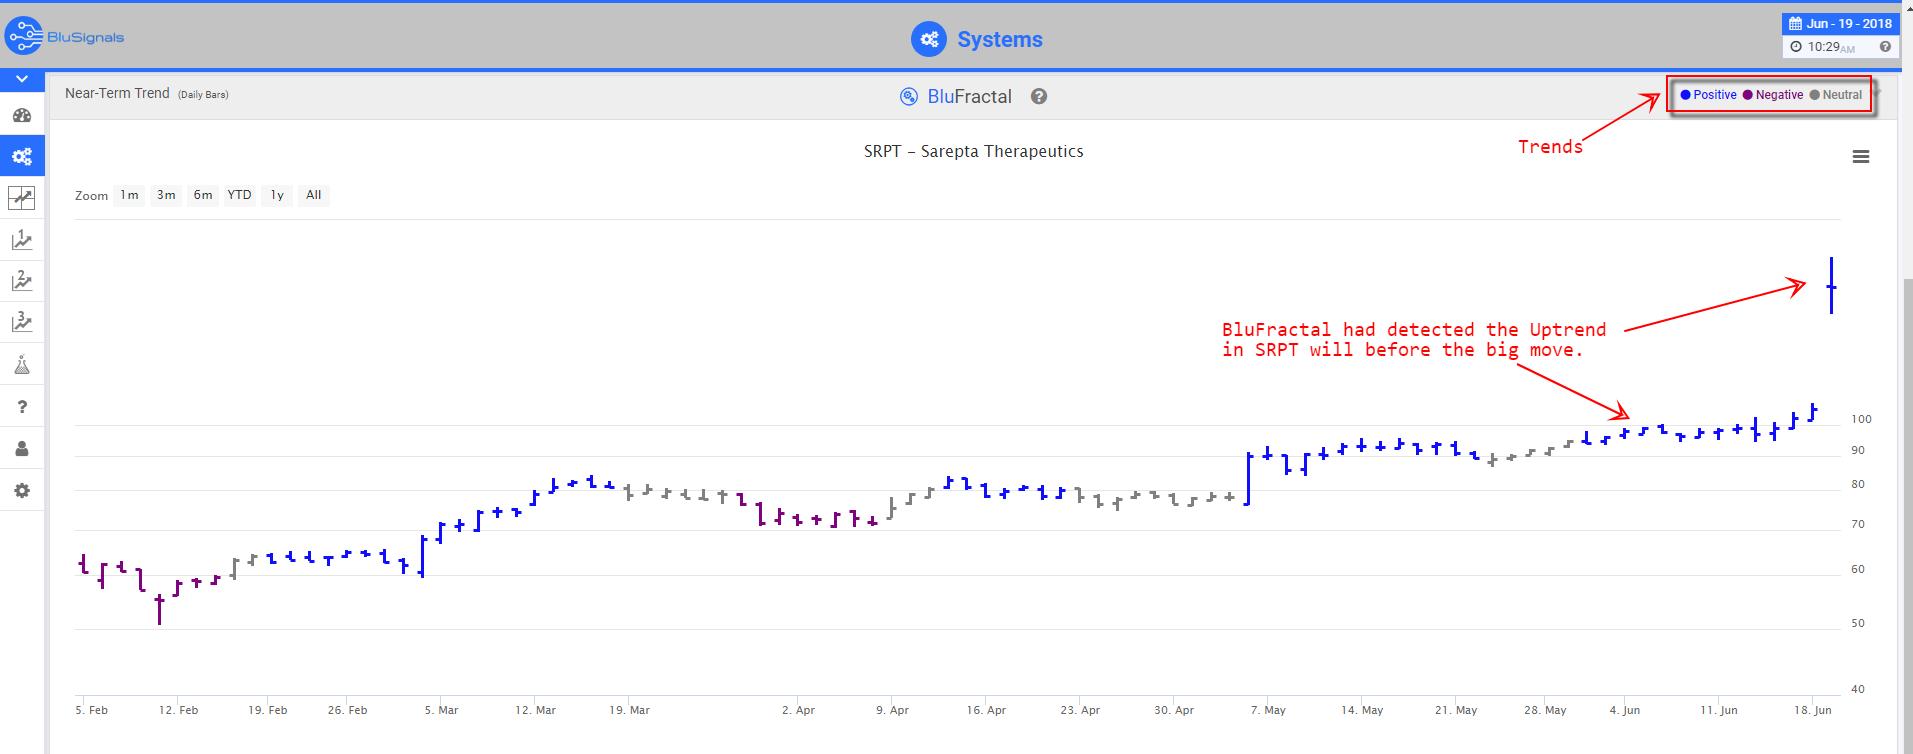 SRPT Leading indicators